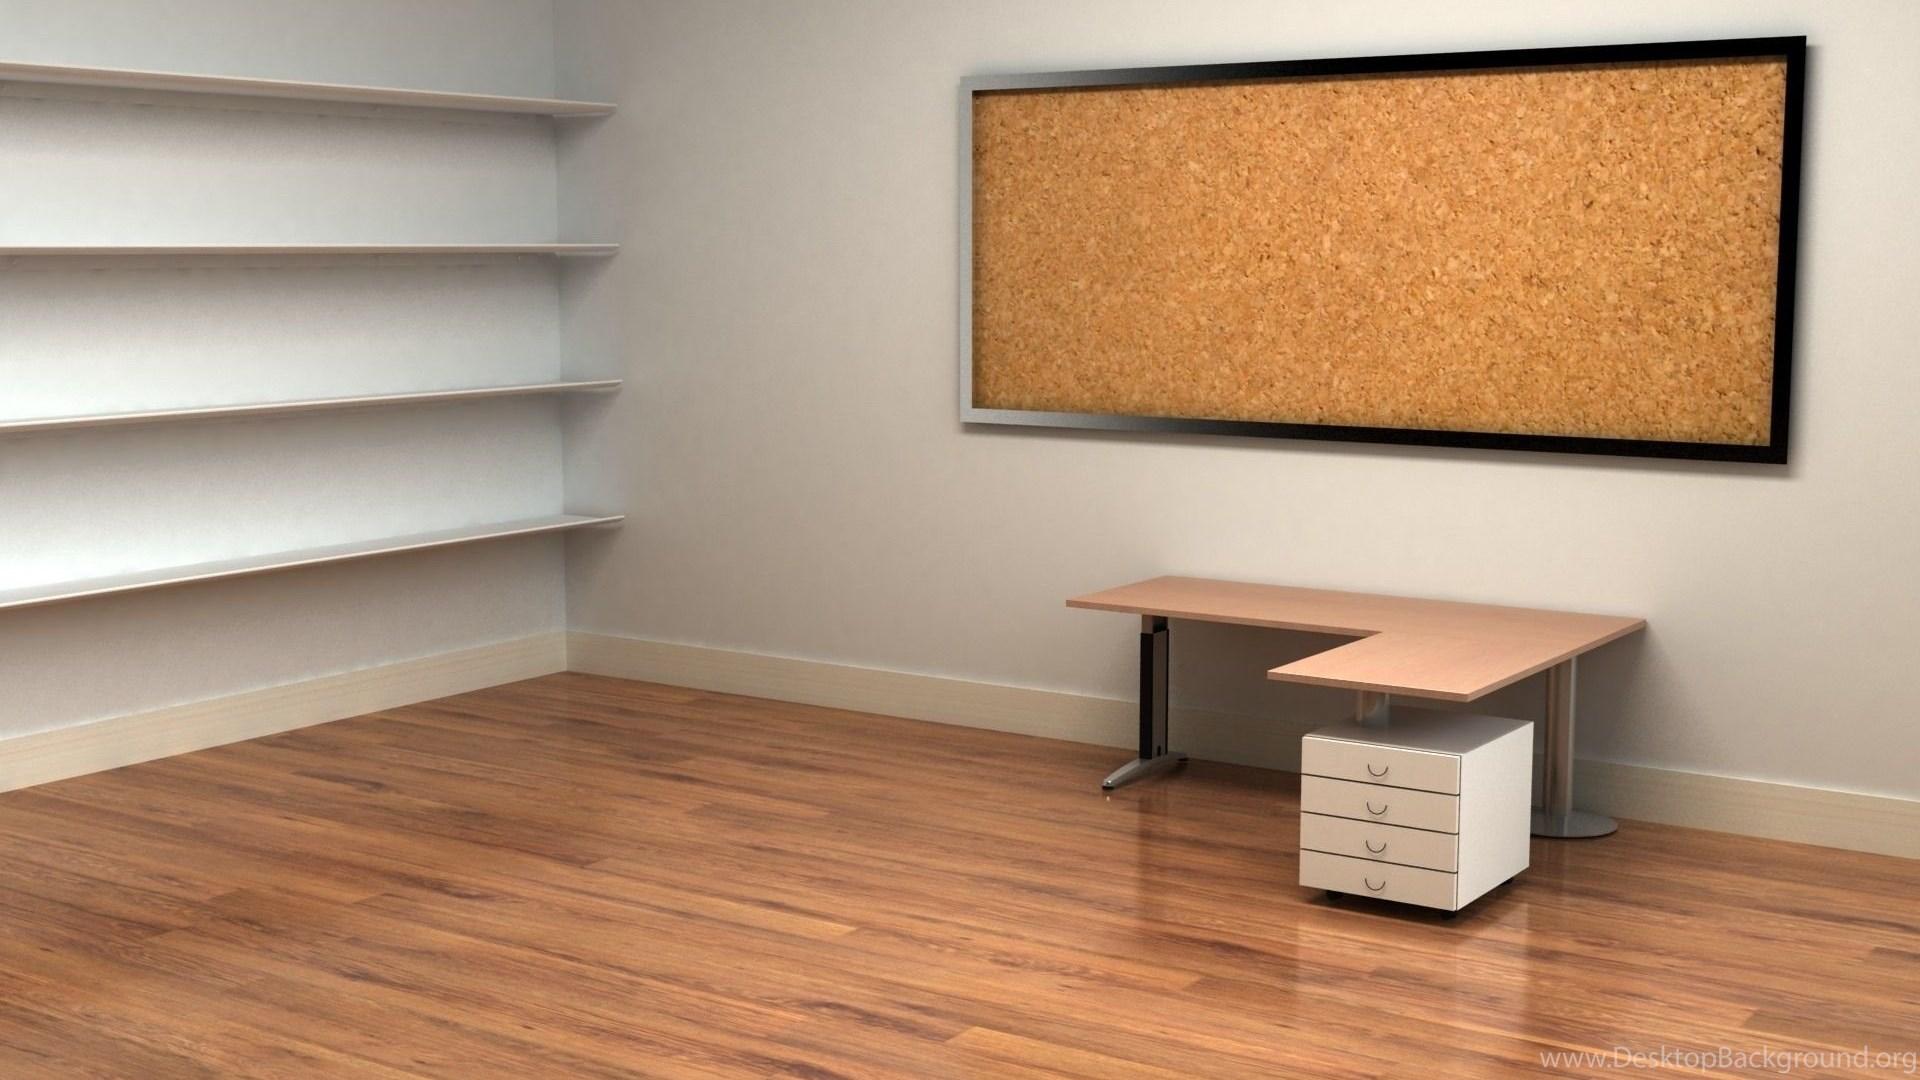 Proyectolandolina Office Desktop Computer Wallpaper